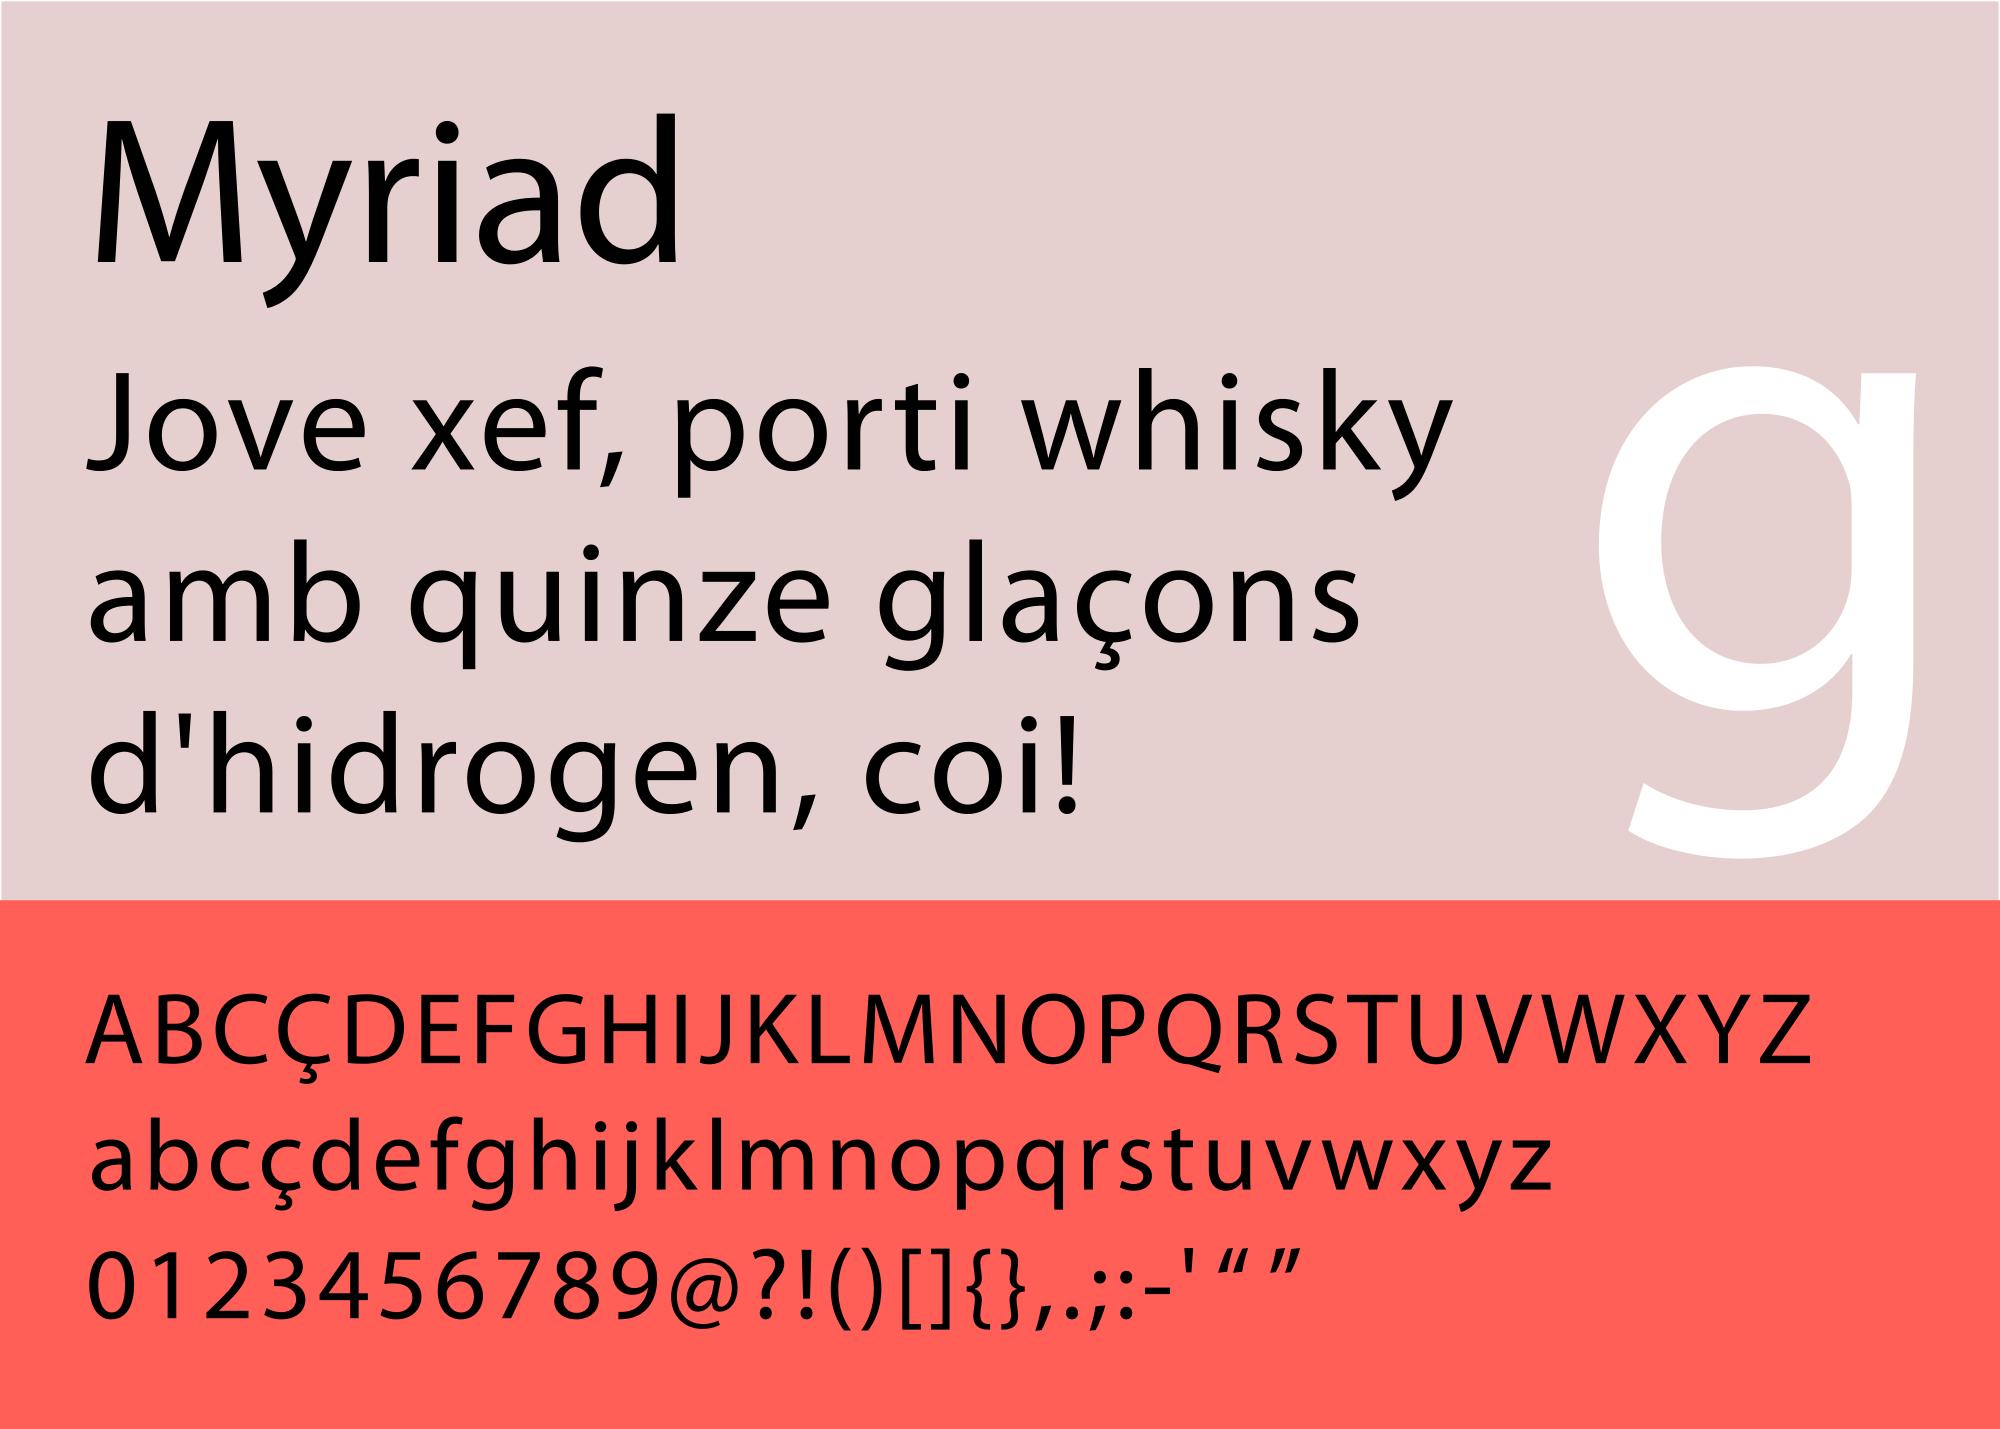 las tipografías más utilizadas en publicidad: Myriad